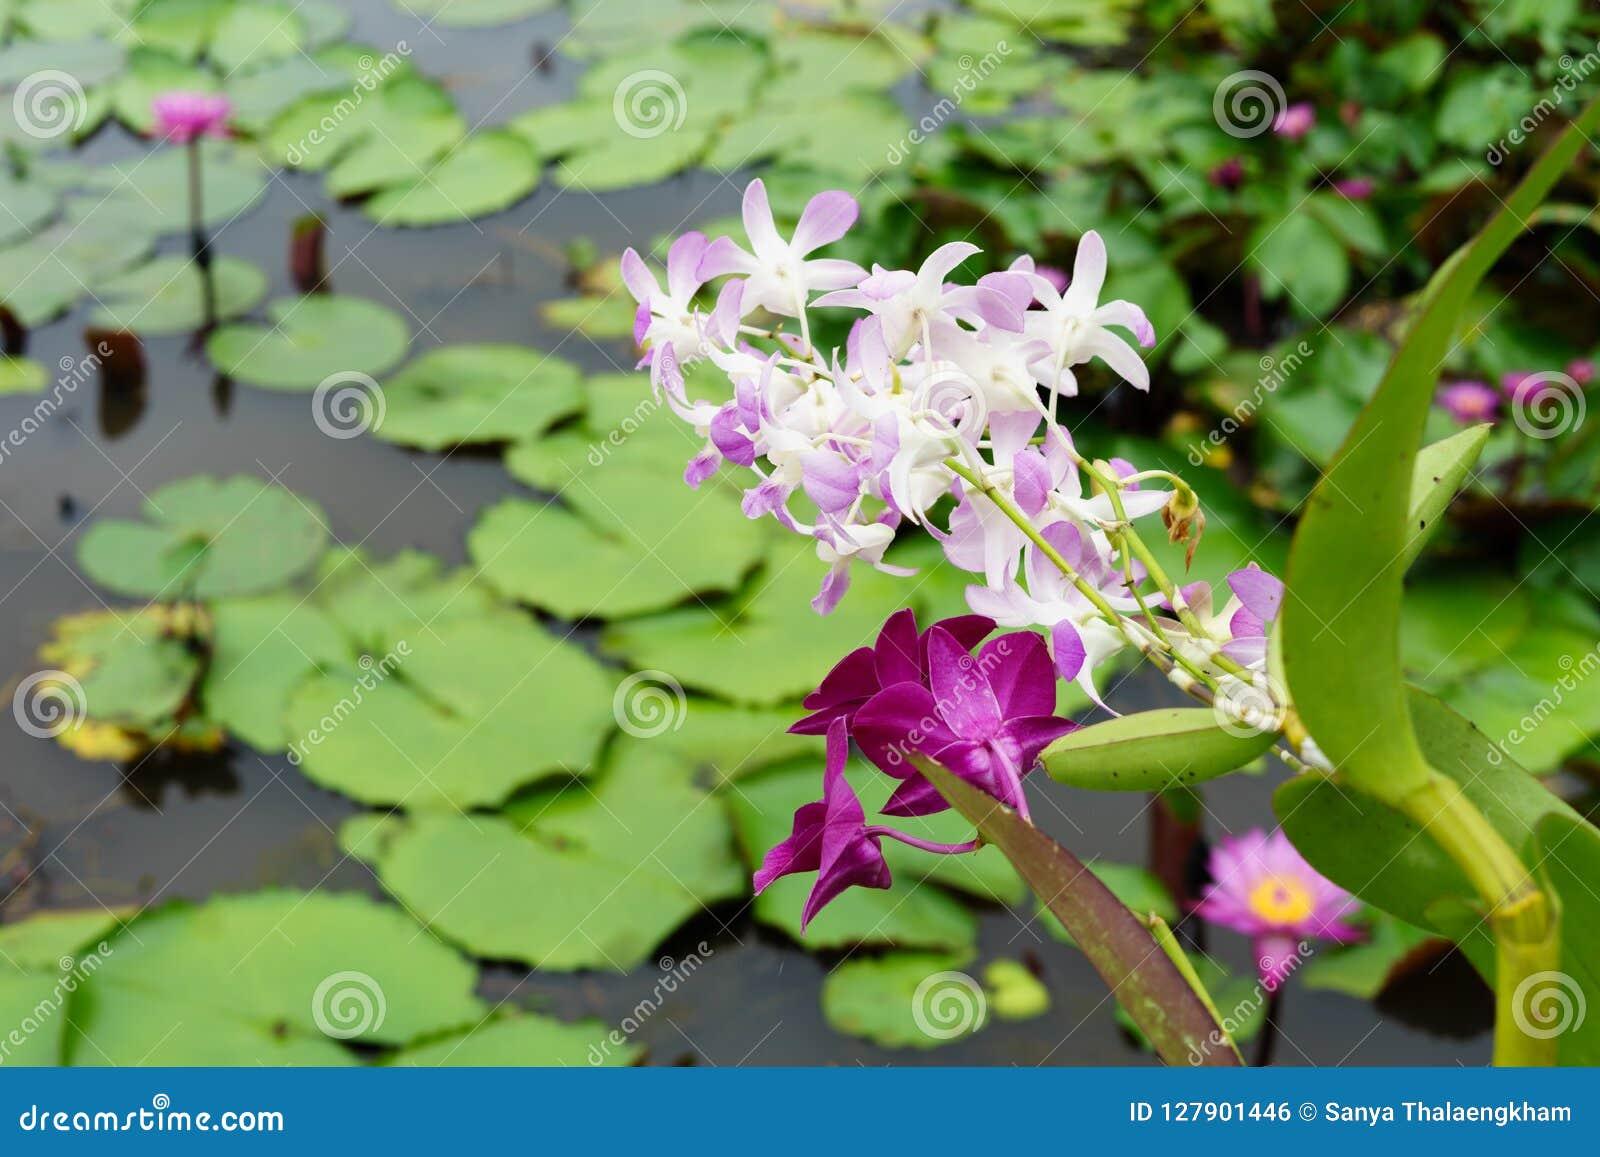 Είναι όμορφη ρόδινη ορχιδέα λουλουδιών στο κόκκινο Lotus που επιπλέει Maket Β